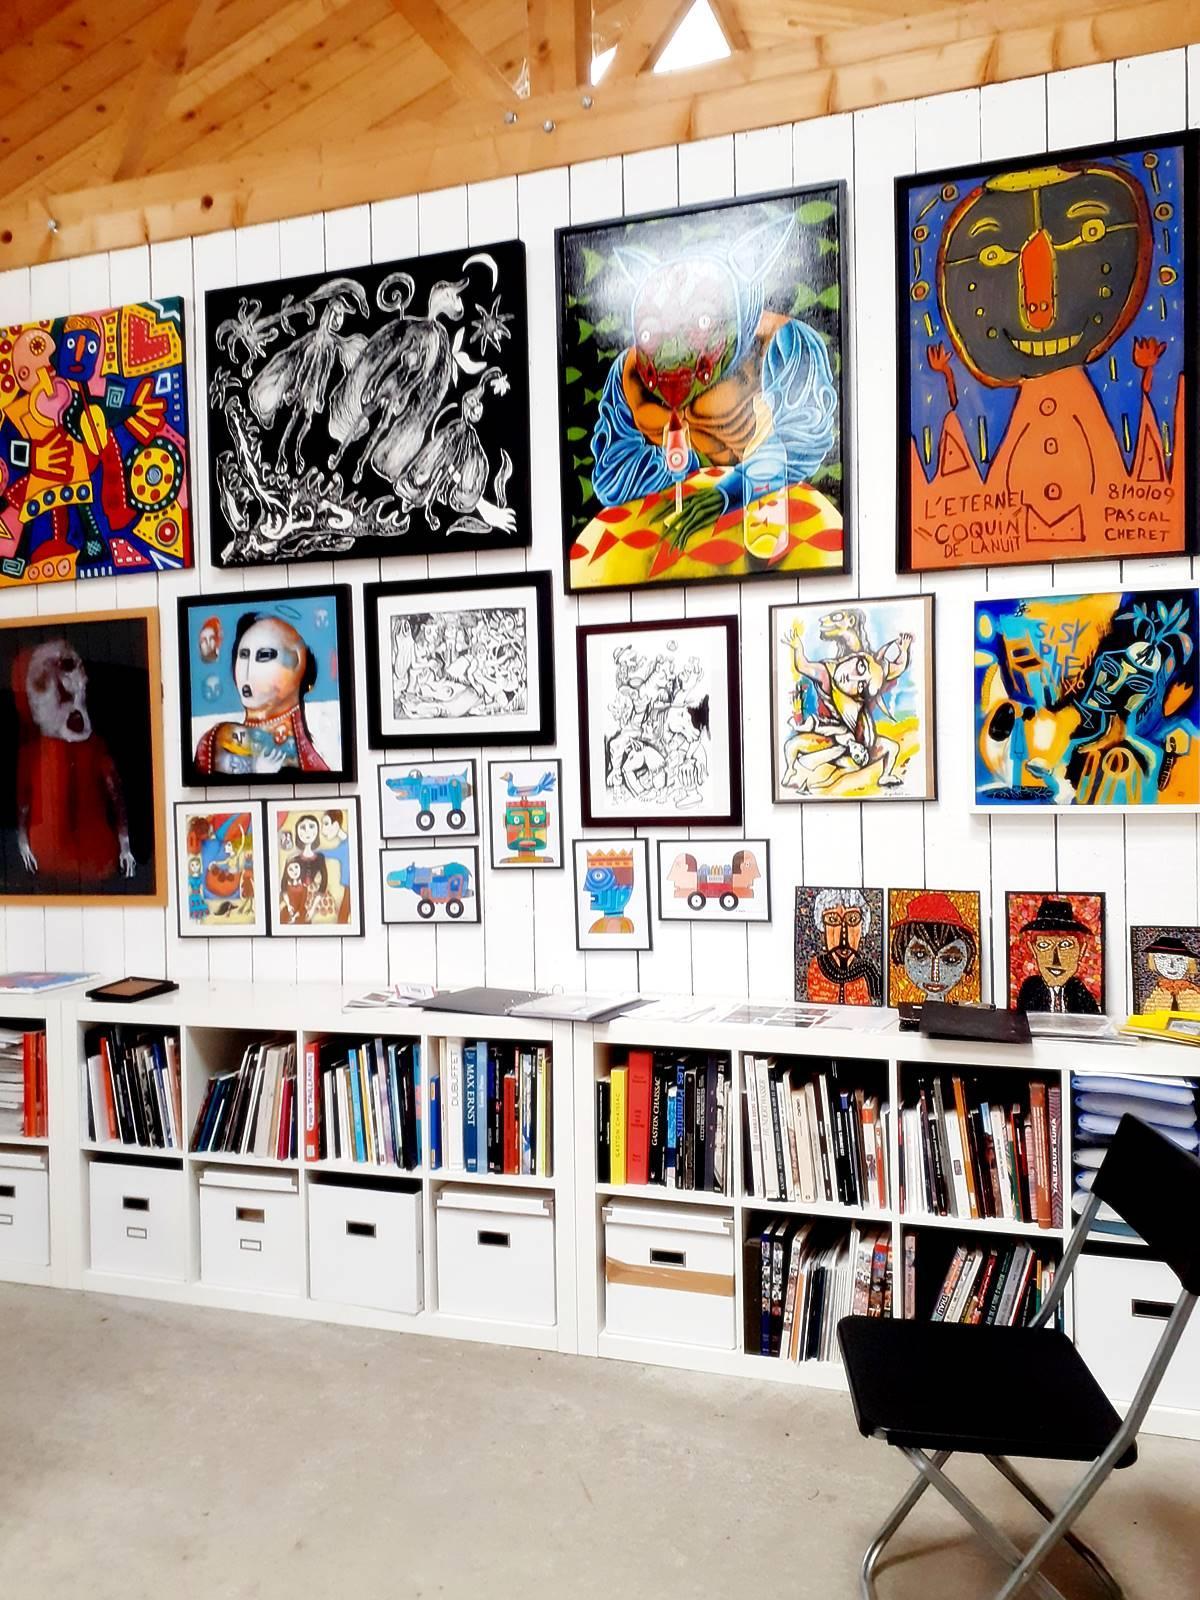 Hang art saffre loire atlantique musee20200613 132011